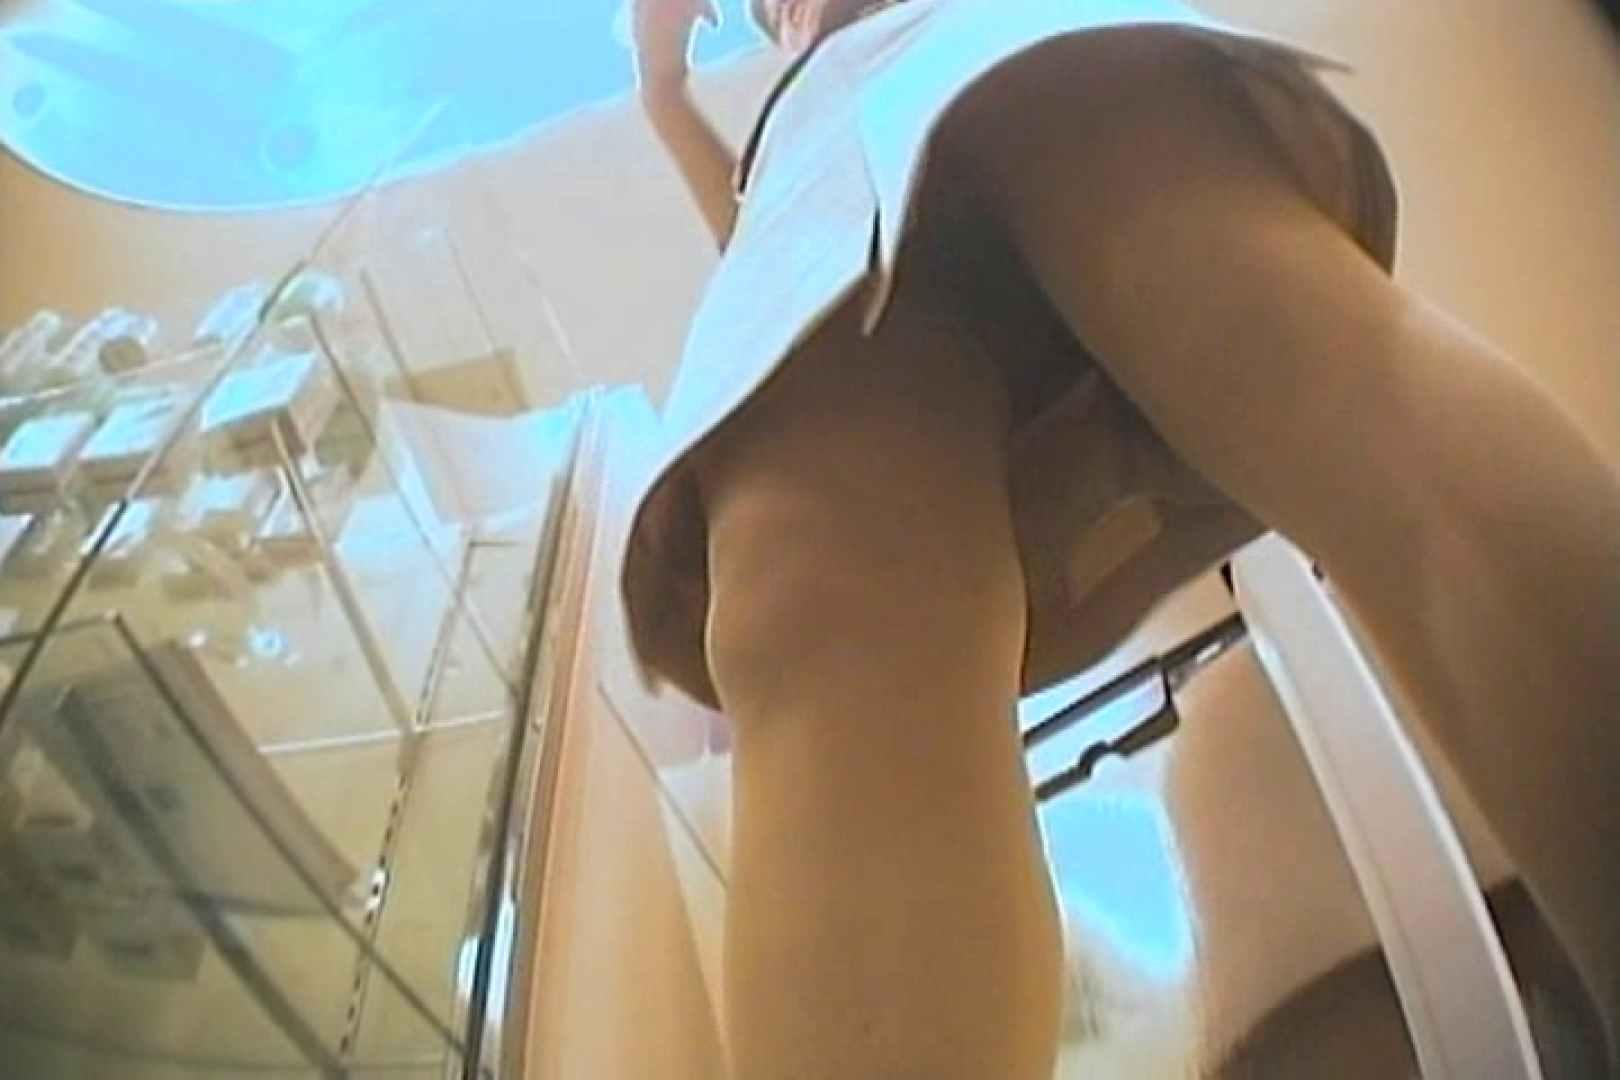 デパートローアングル徘徊 靴カメ盗撮Vol.5 ギャルヌード | 盗撮  54画像 13